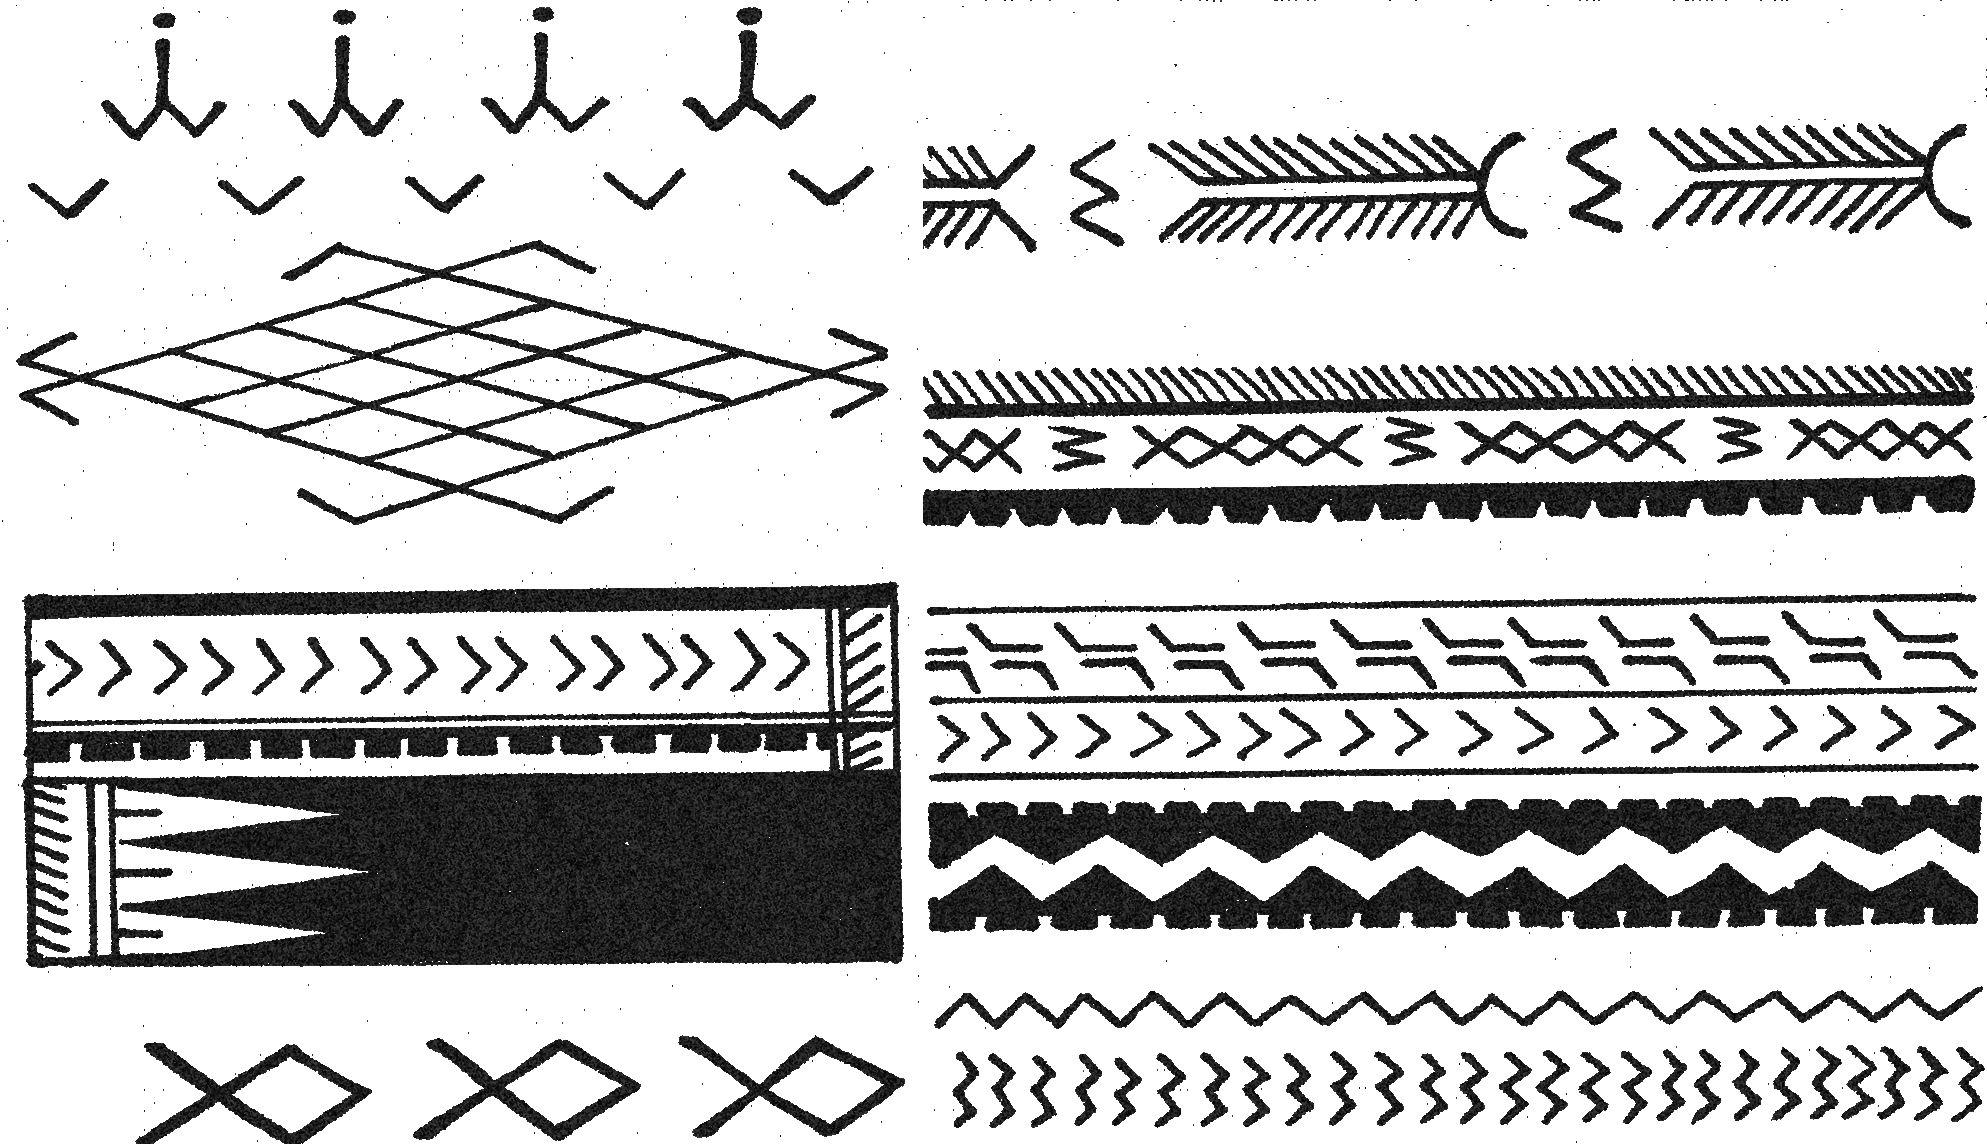 samoan tatau symbols and meaning premier precedent 1 2. Black Bedroom Furniture Sets. Home Design Ideas